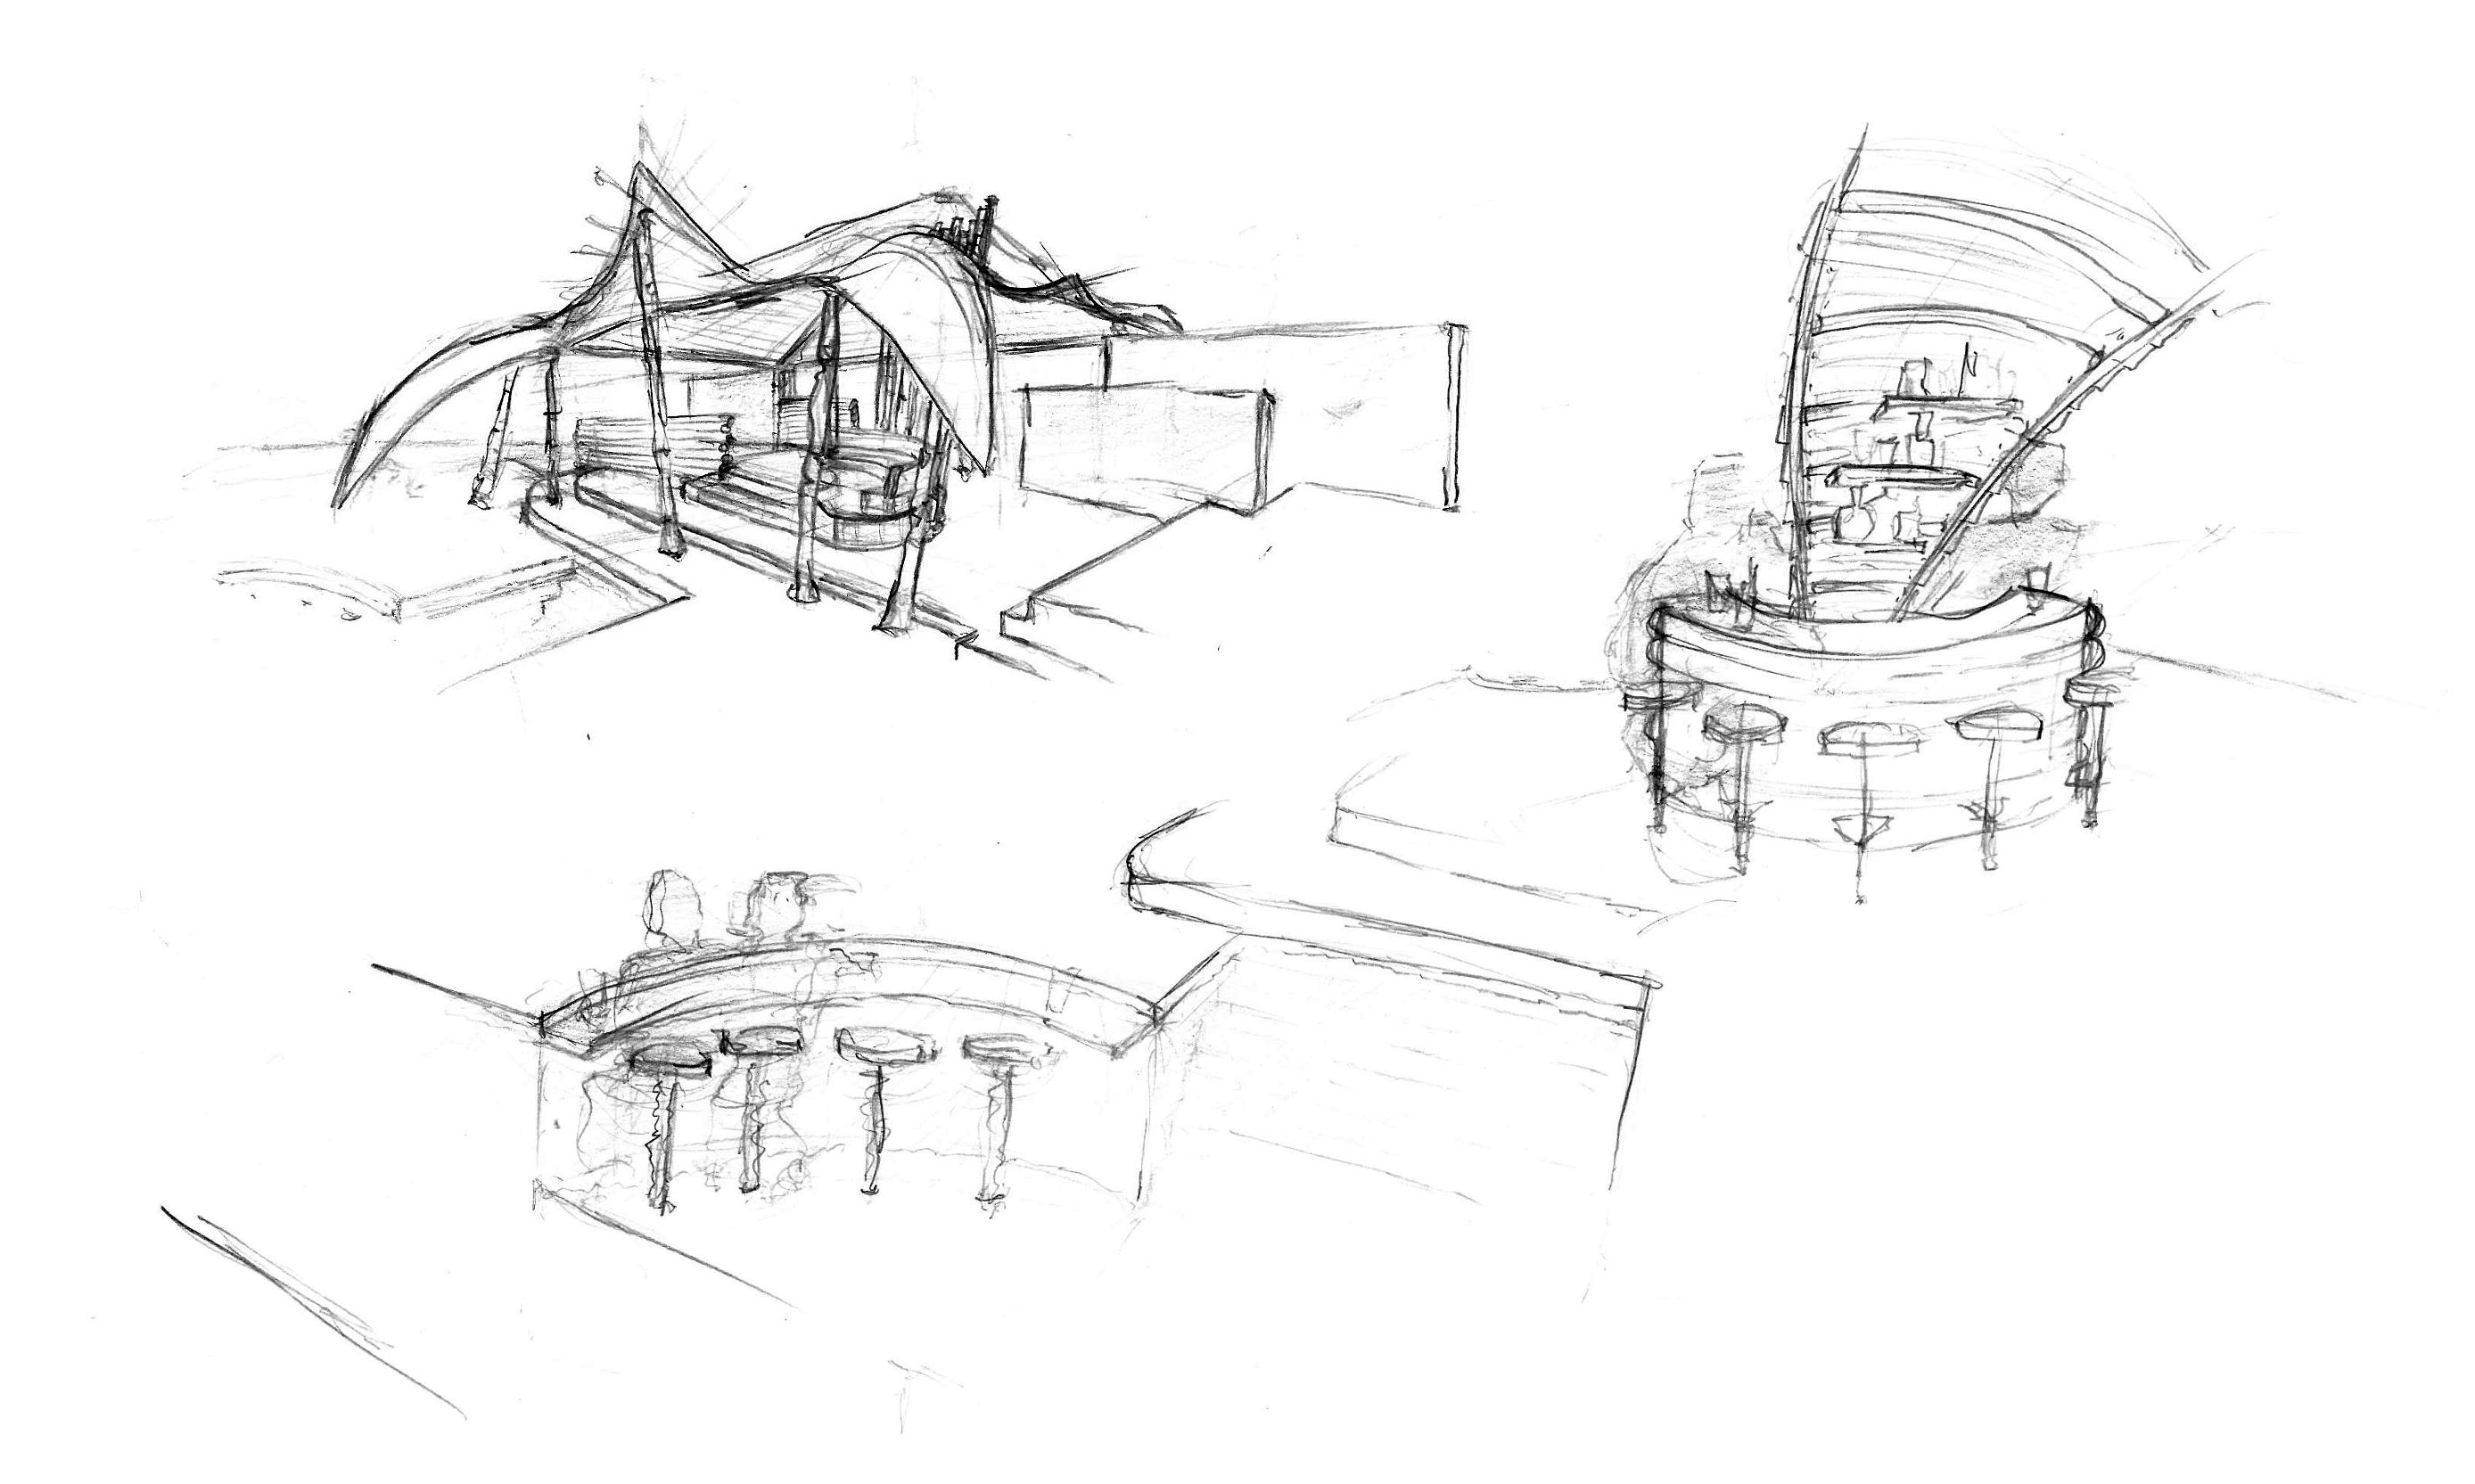 Daniel_Tauer_Projekt_Bali_Zeichnung_09